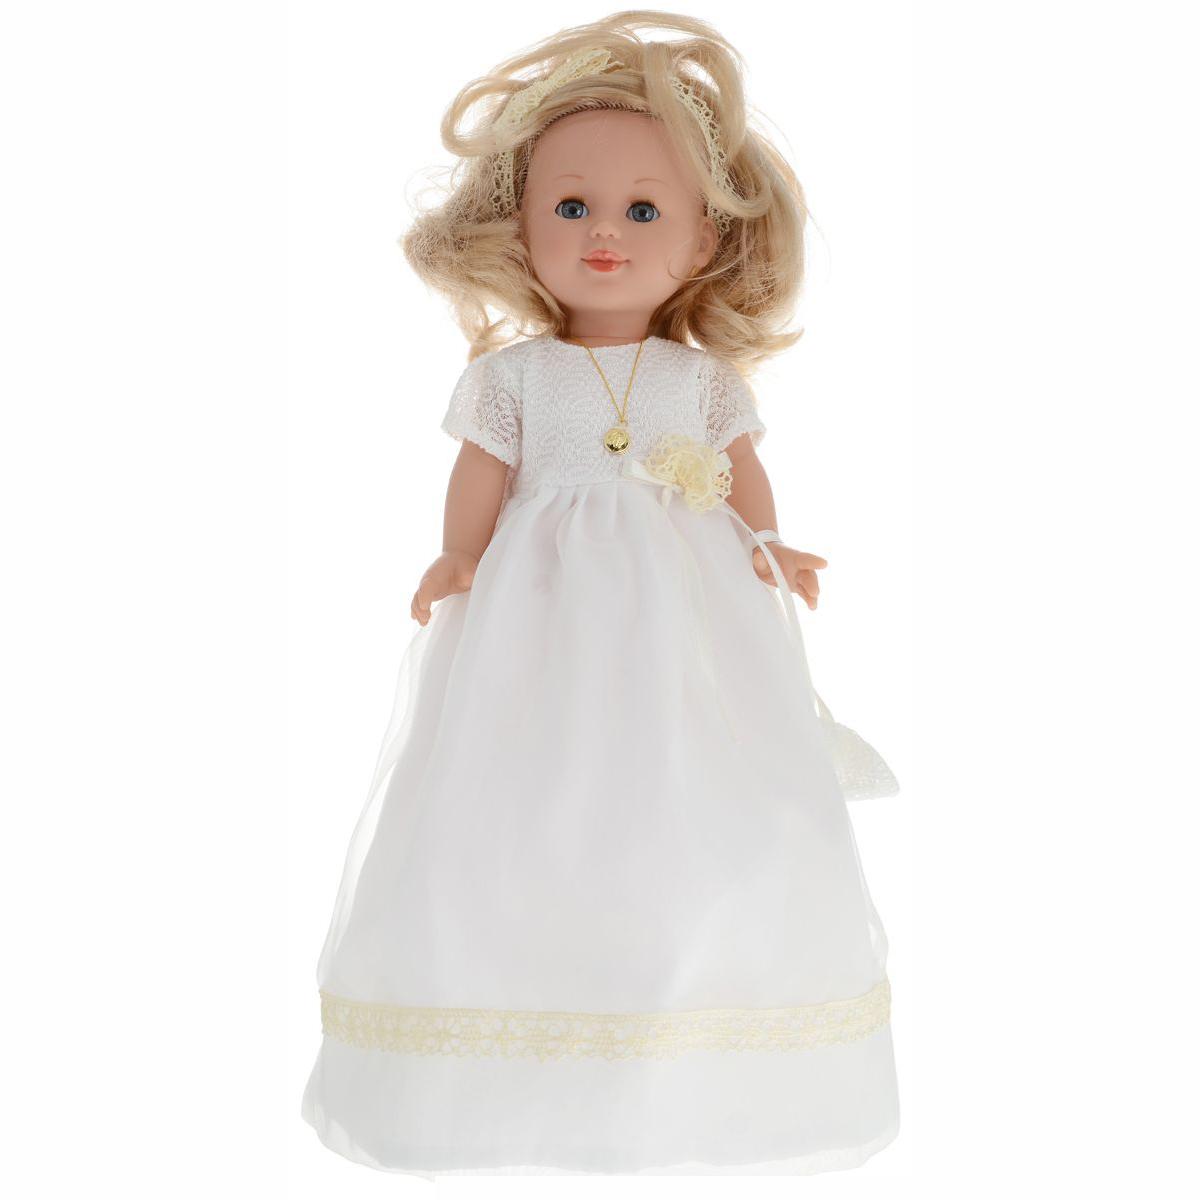 Купить Кукла виниловая Arias Elegance 42 см в платье, с аксессуаром, светлые волосы, Классические куклы